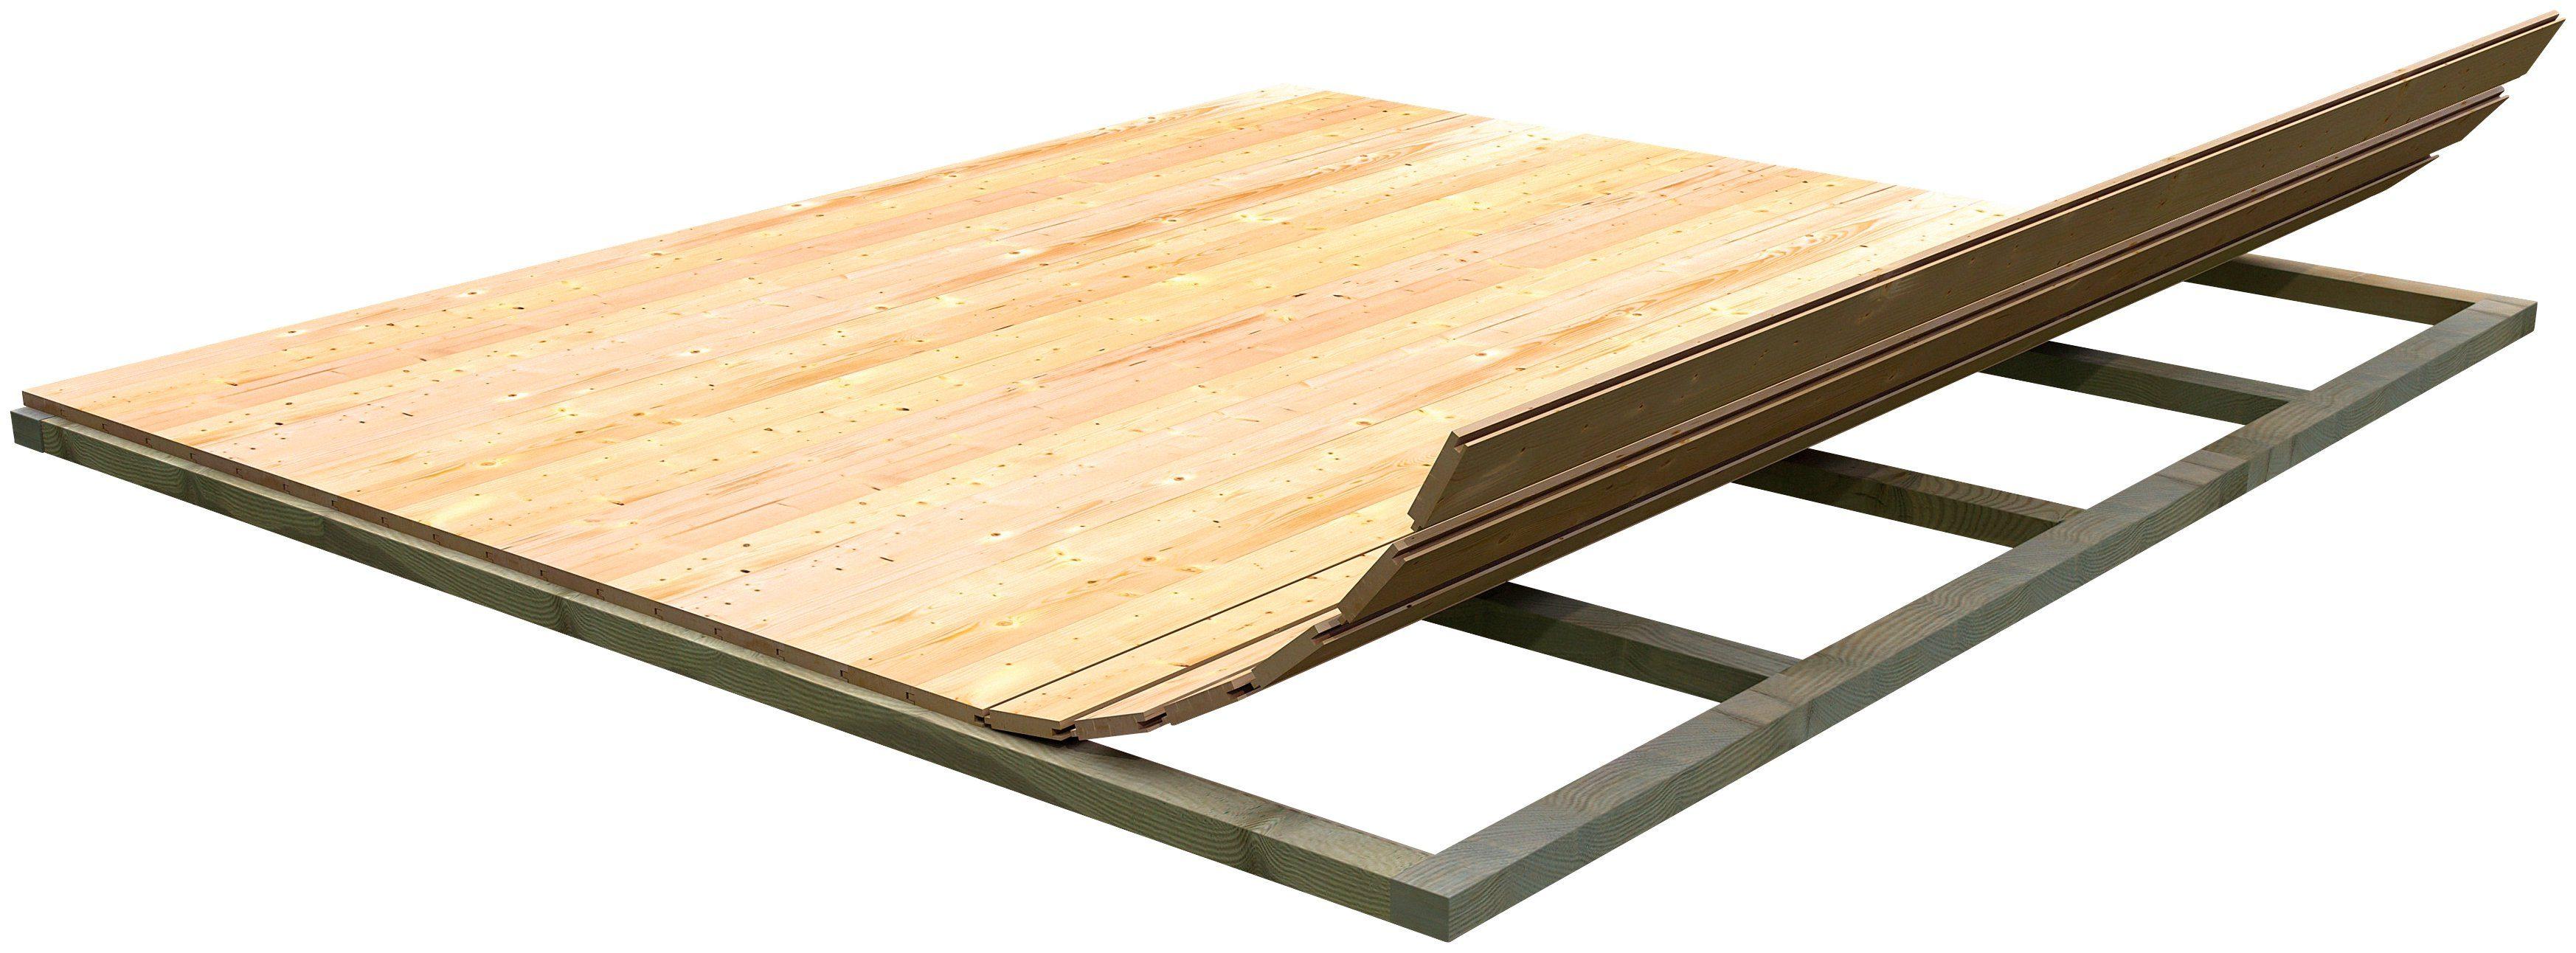 Konifera Fußboden für Gartenhäuser, 280x220 cm